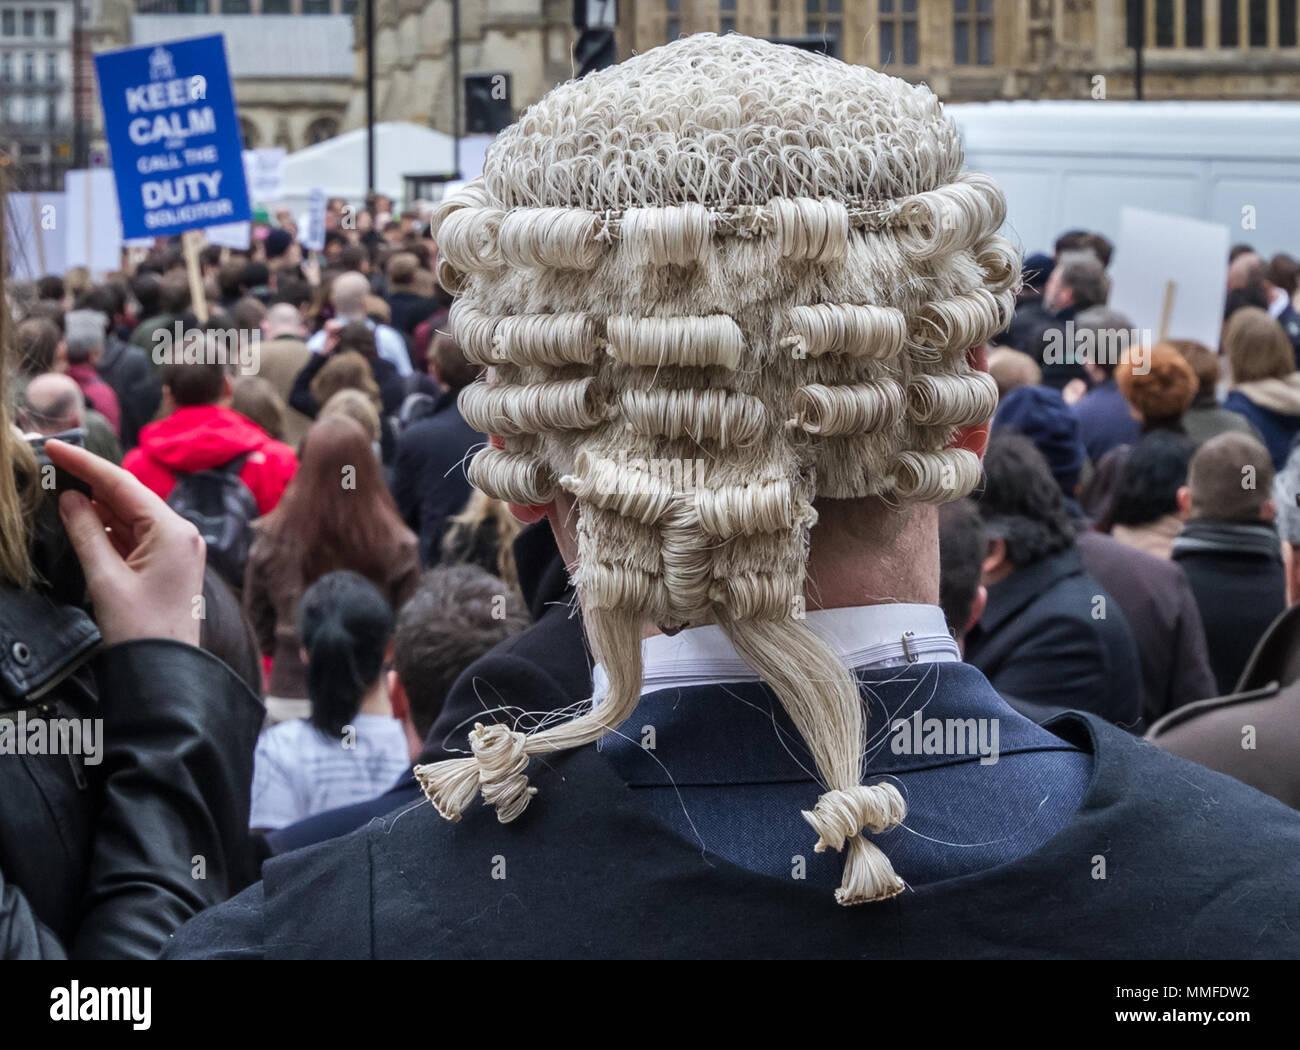 Avvocati e procuratori legali protestare in una seconda massa walkout su tagli per assistenza legale. Westminster, Regno Unito Immagini Stock